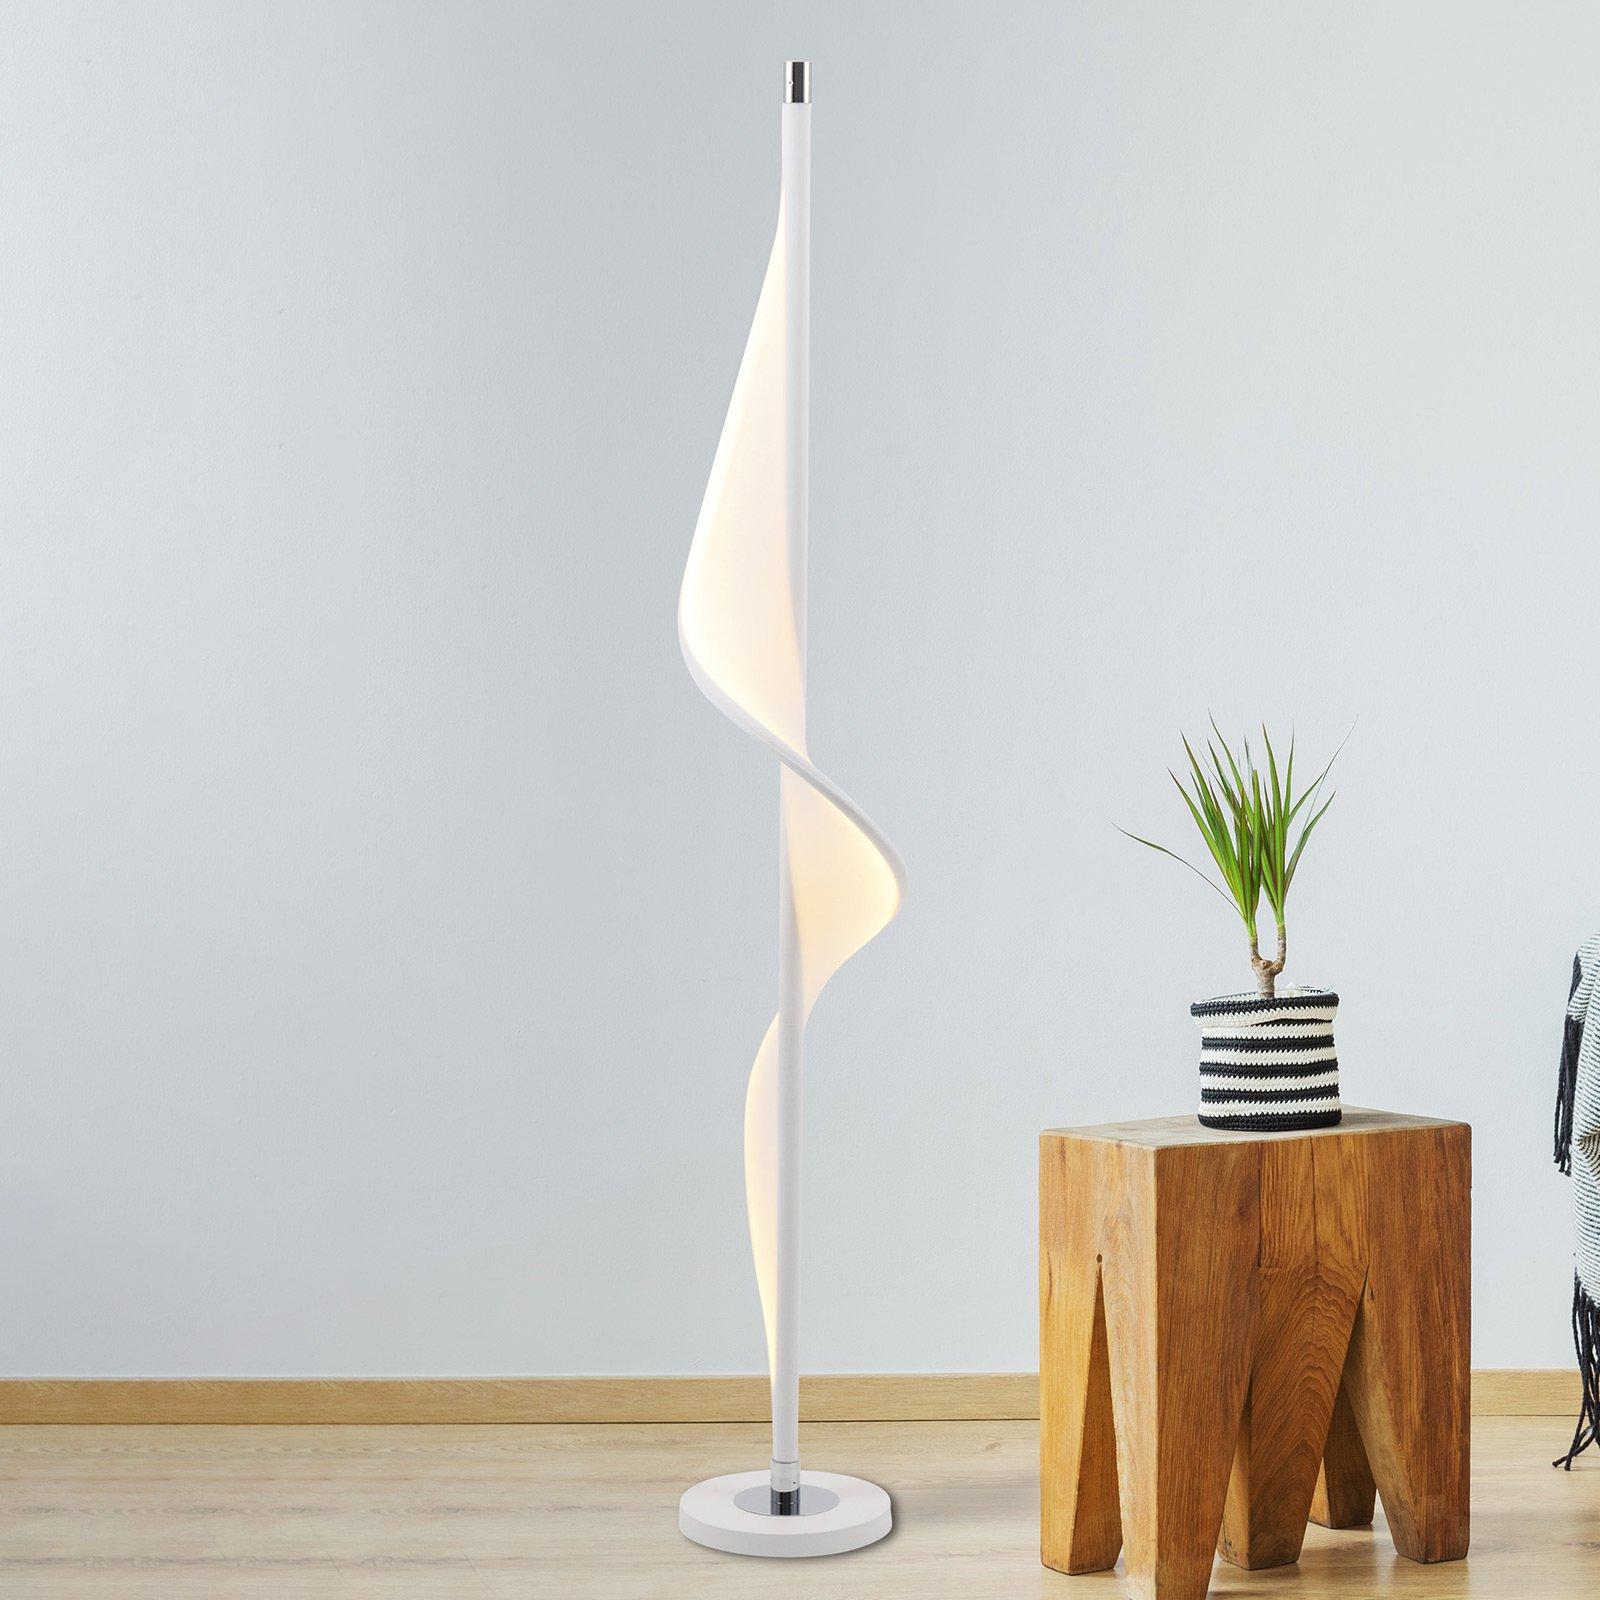 LED-gulvlampe Bandera med bølgeformet design